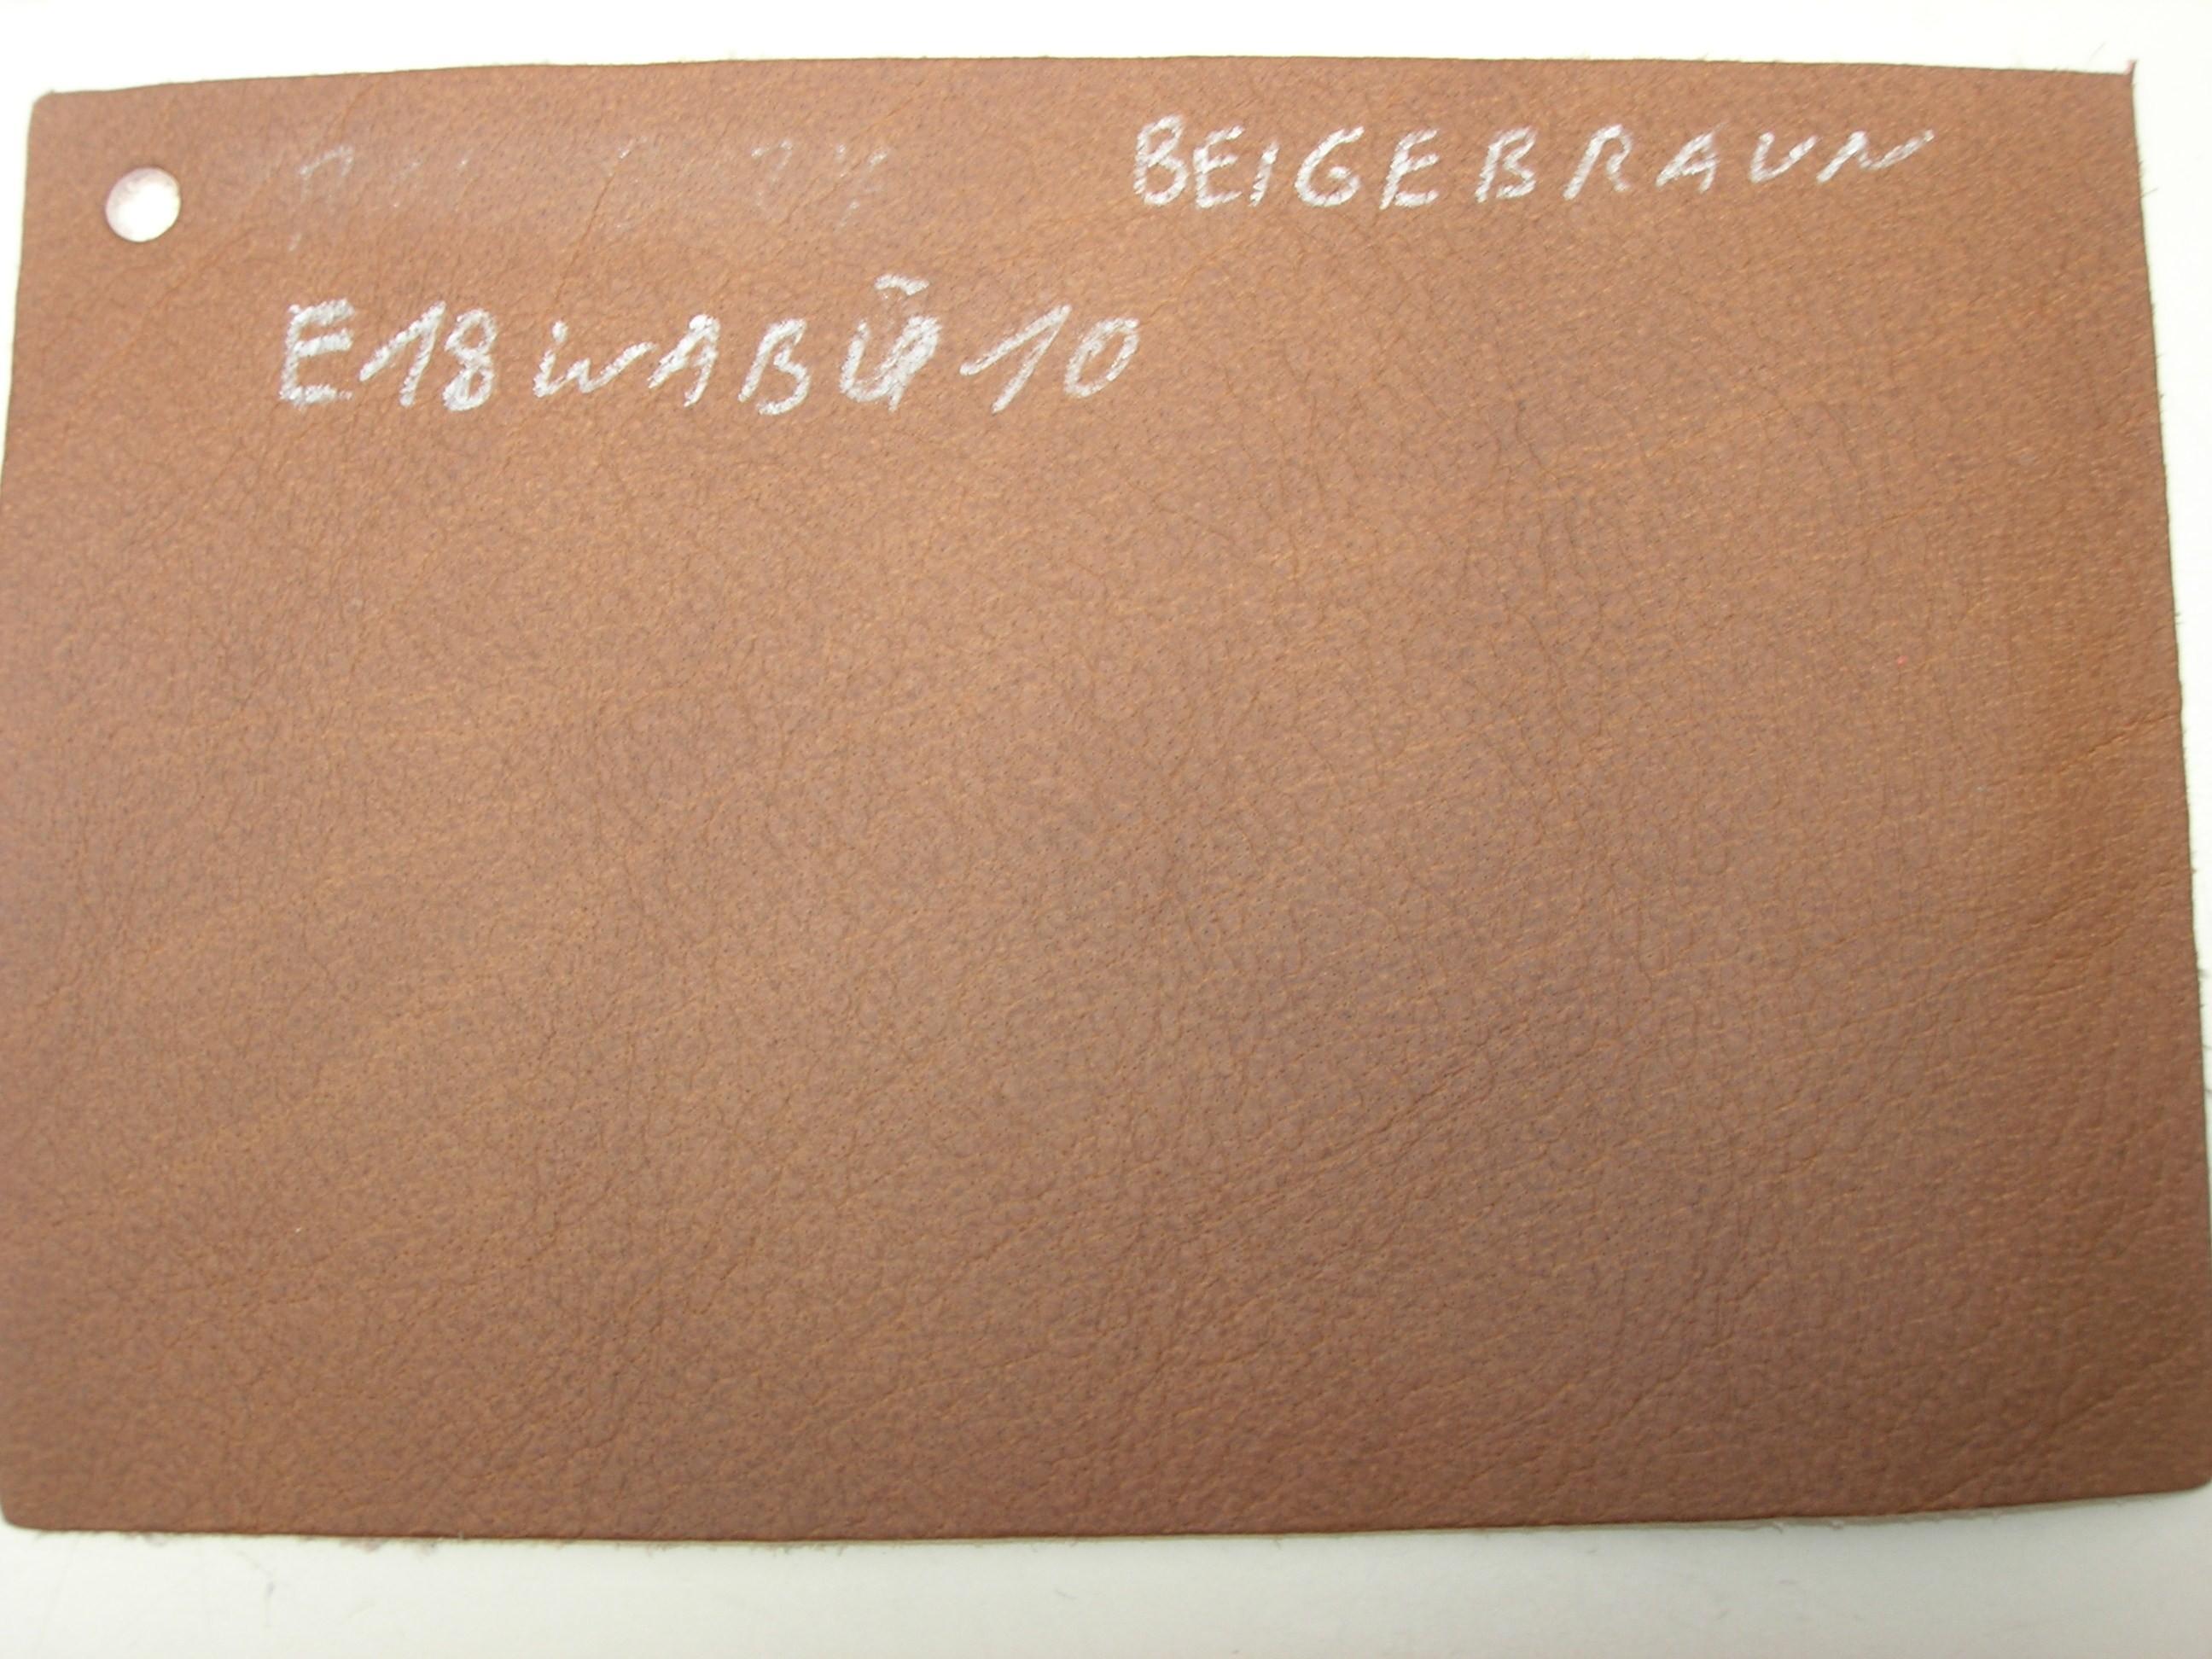 Wasserbüffel beige braun (E18WABÜ10) Bestellware